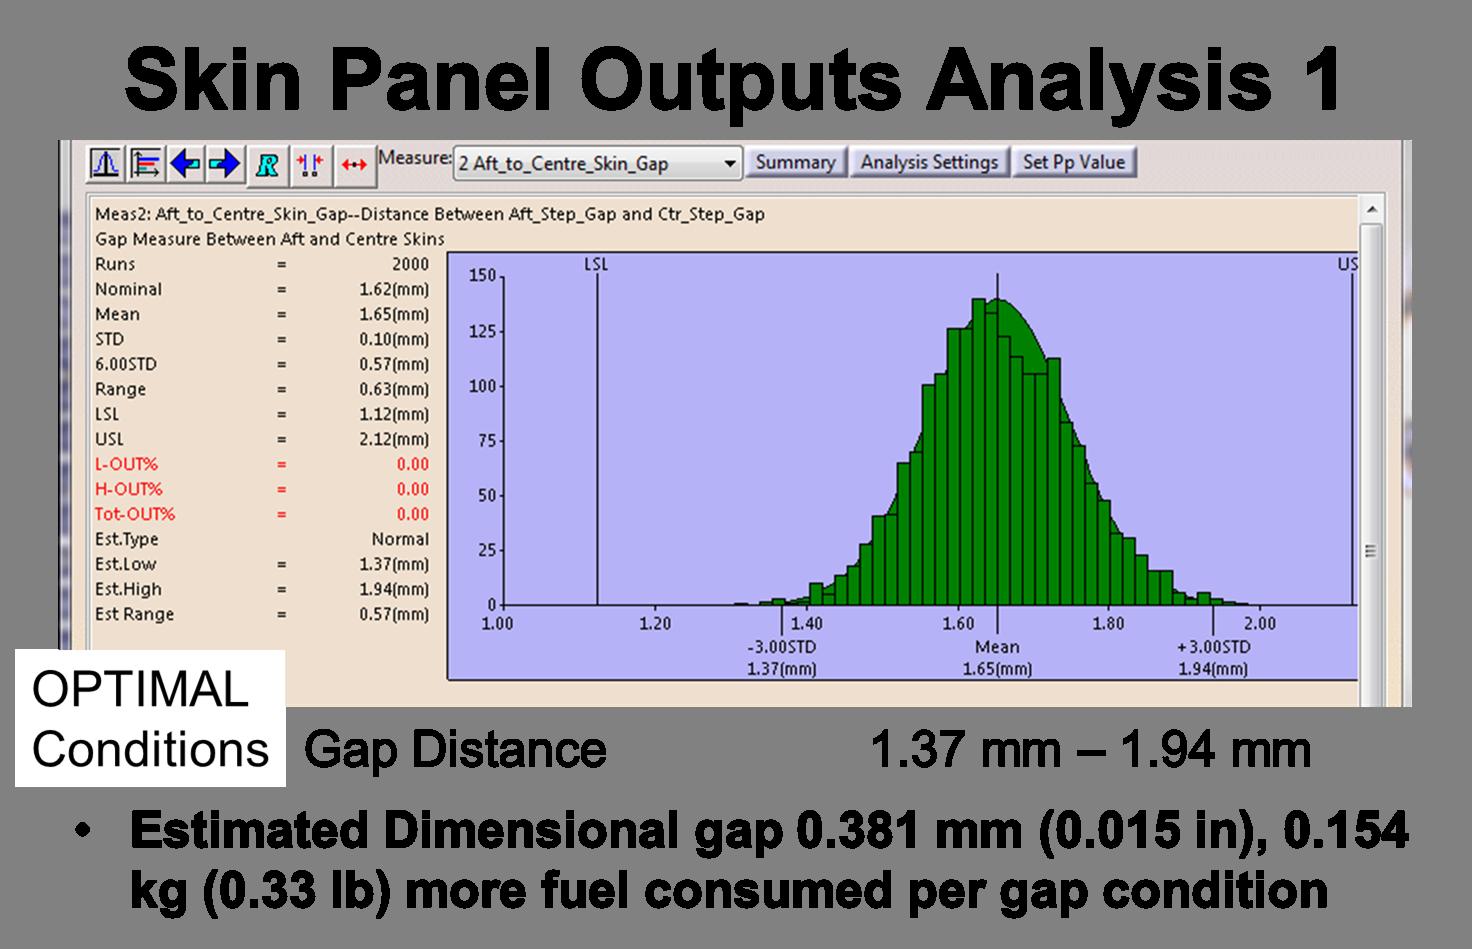 aerodef-2016-analysis-putput-example-1-3dcs-study.png